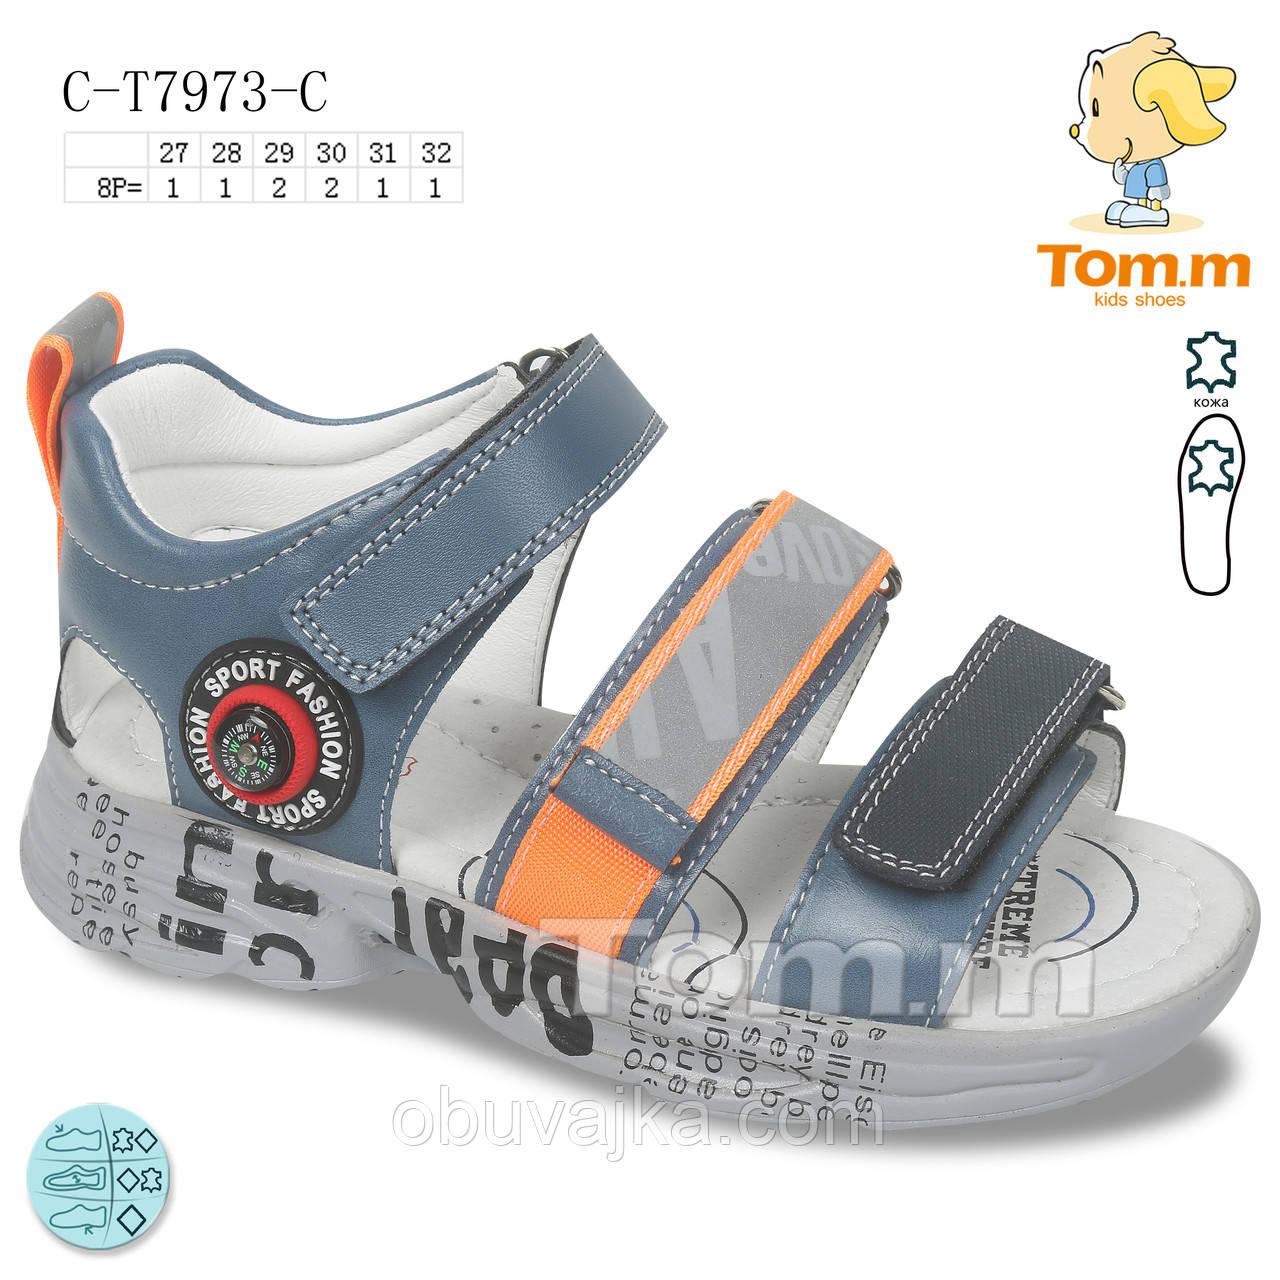 Детская летняя обувь 2021 оптом. Детские босоножки бренда Tom m для мальчиков (рр. с 27 по 32)